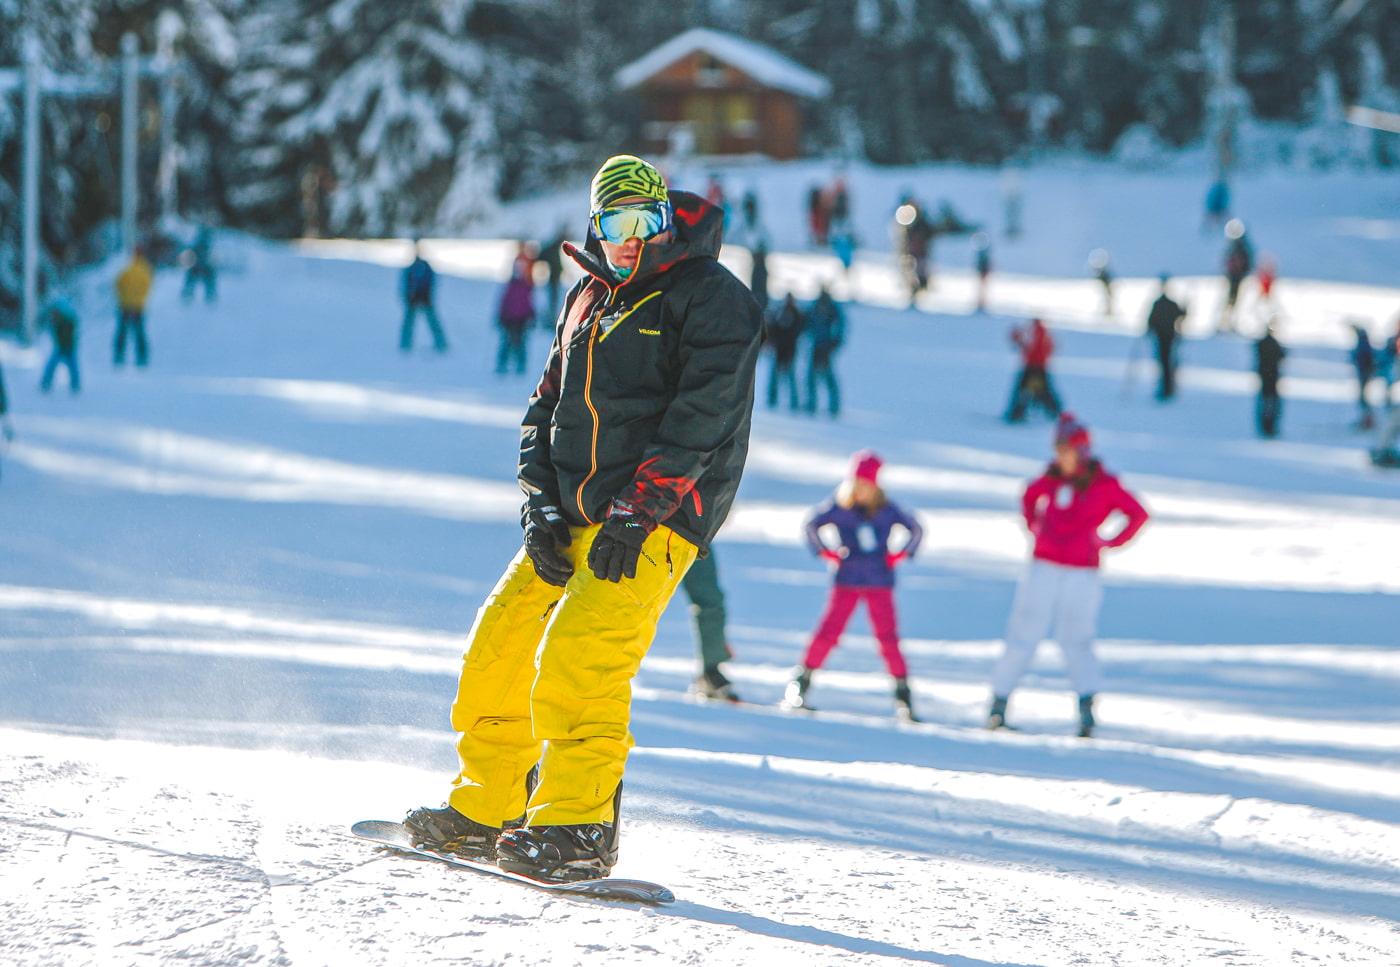 Snowboarding in Dobrinishte